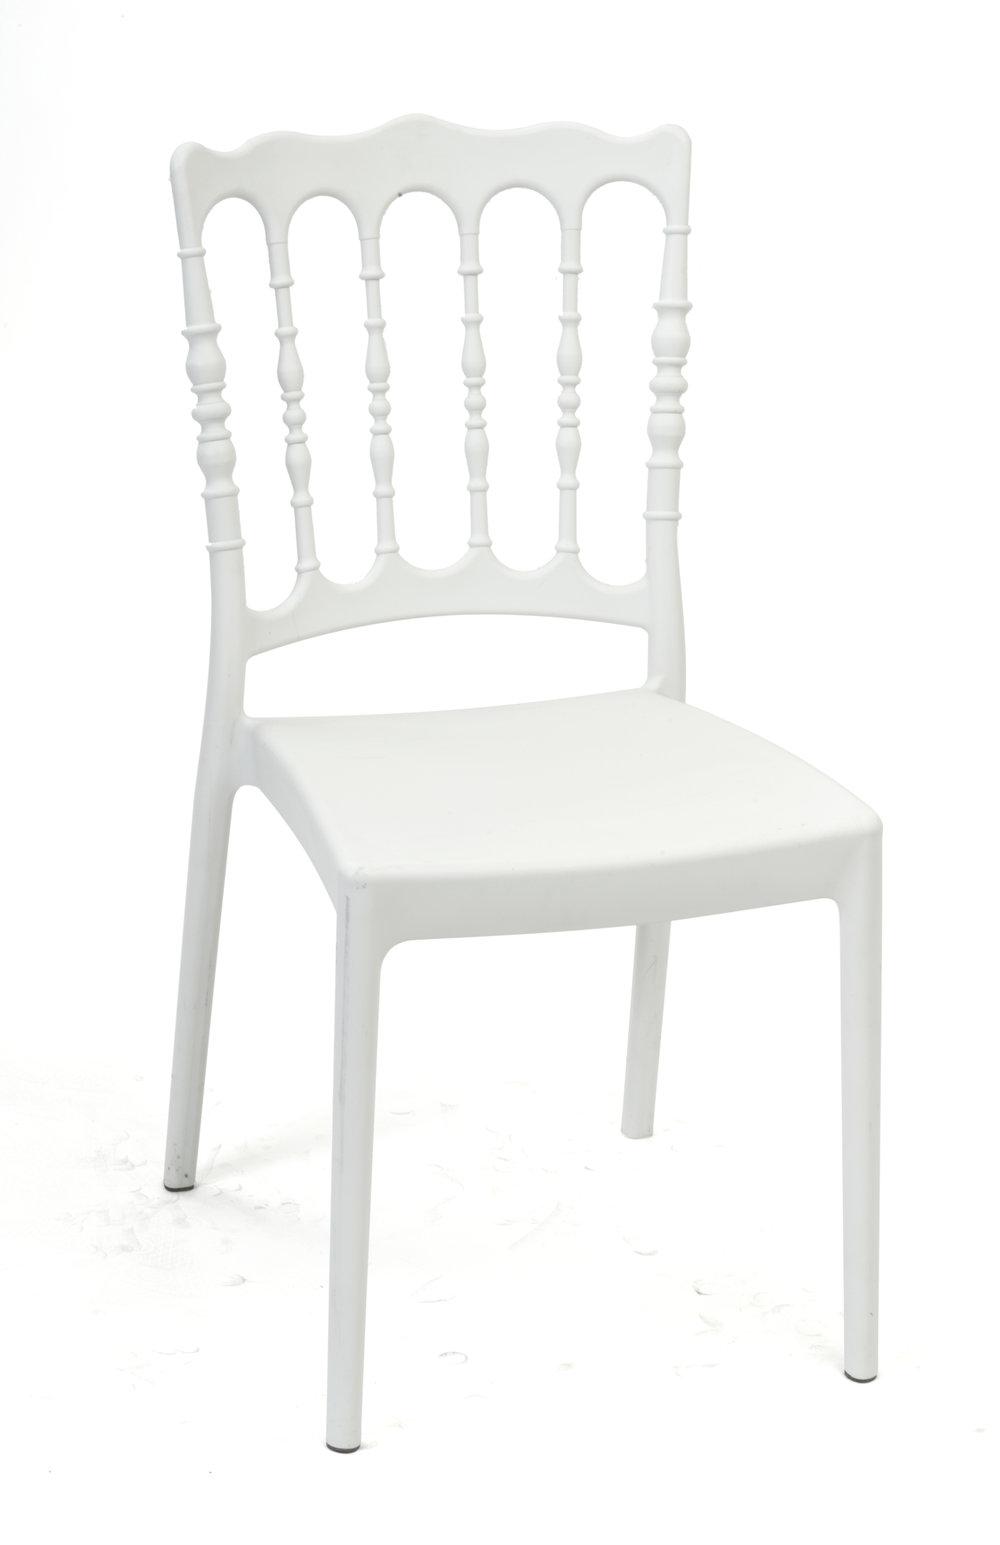 NapoleonSC-White-Front.jpg